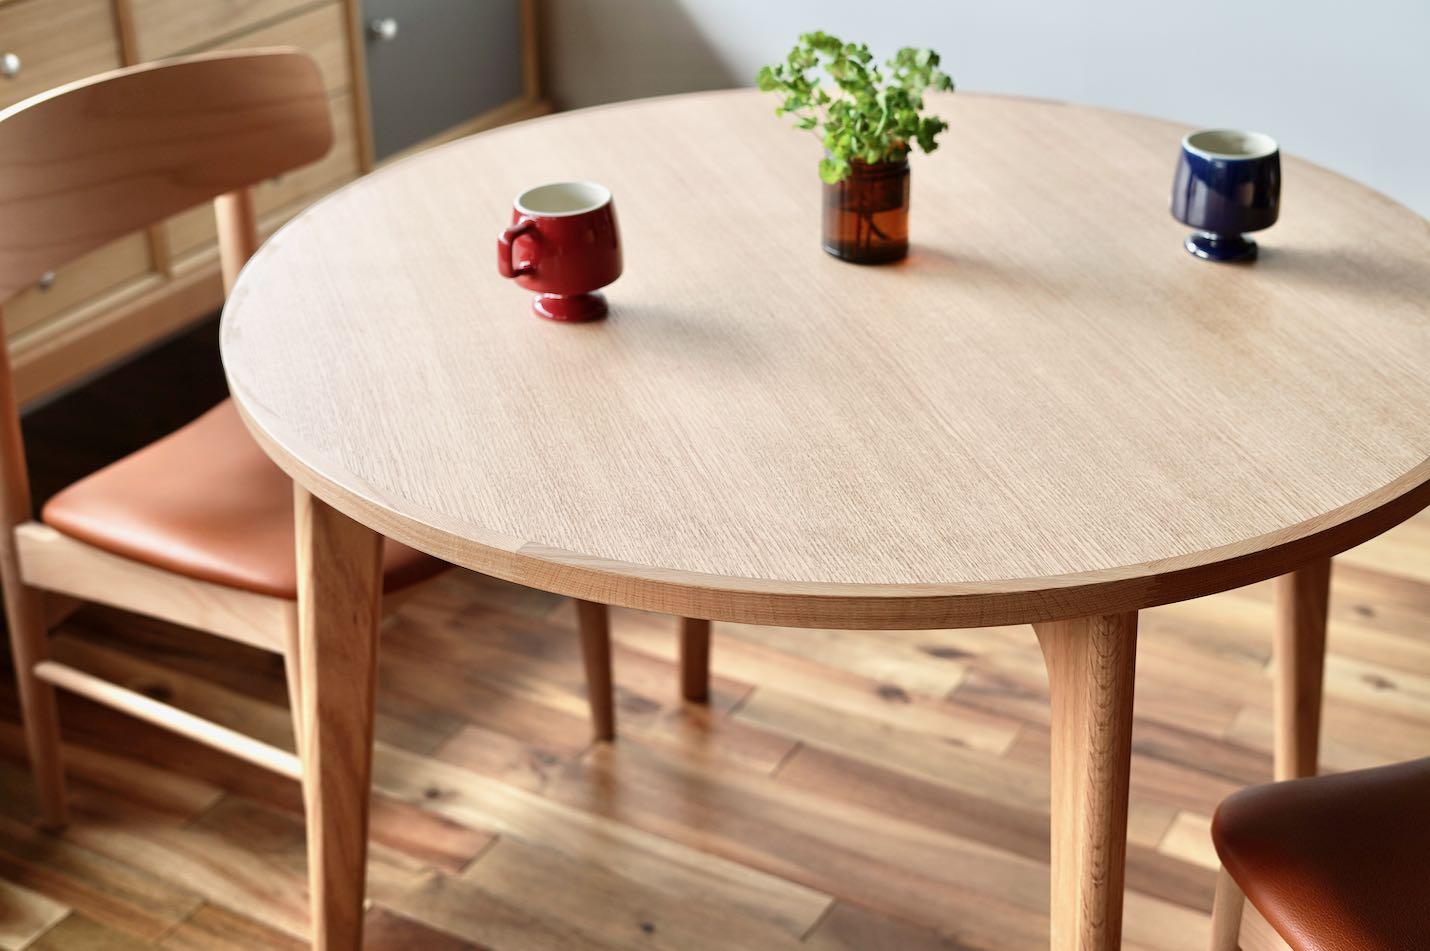 オススメの丸テーブル「マルニ60 オークフレームラウンドテーブル100」